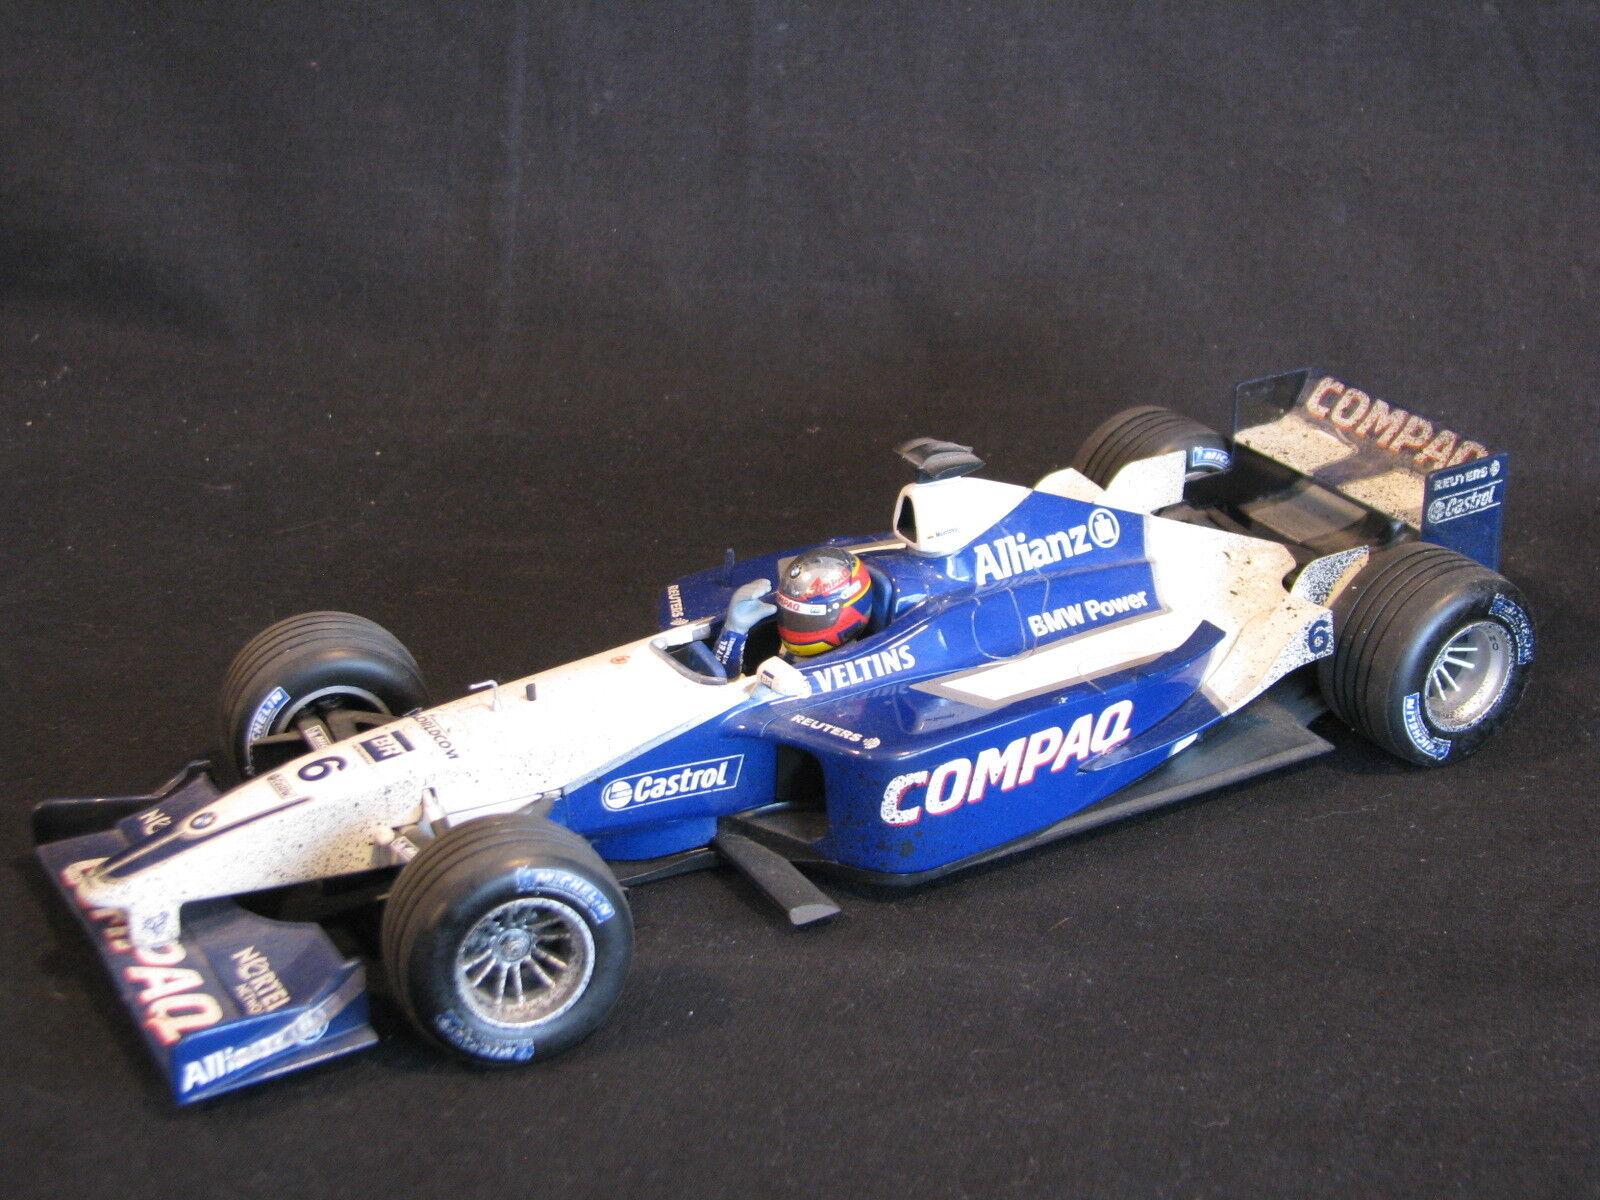 Minichamps  Williams BMW FW23 2001  6 J-P Montoya after the race edition (JE)  économiser jusqu'à 80%